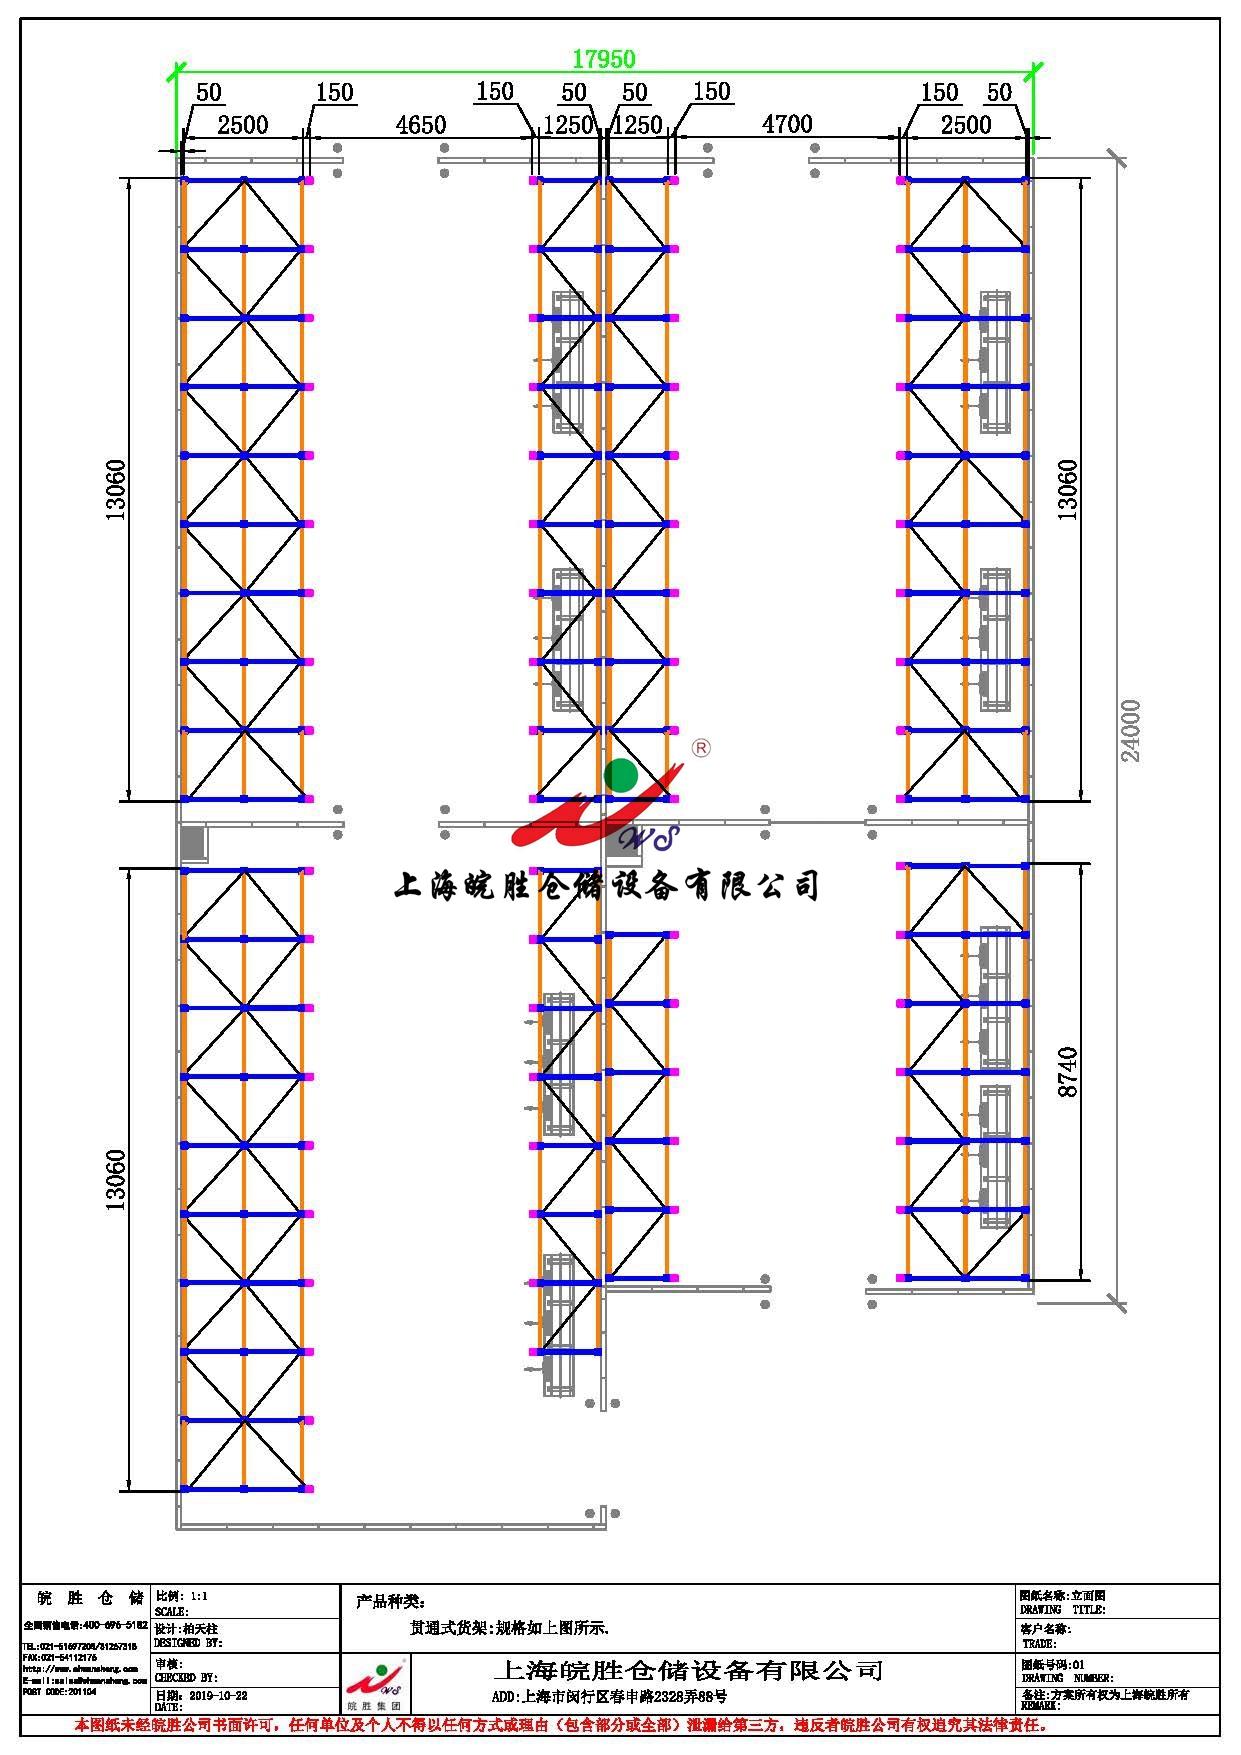 贯通货架,上海某贸易有限公司--皖胜仓储